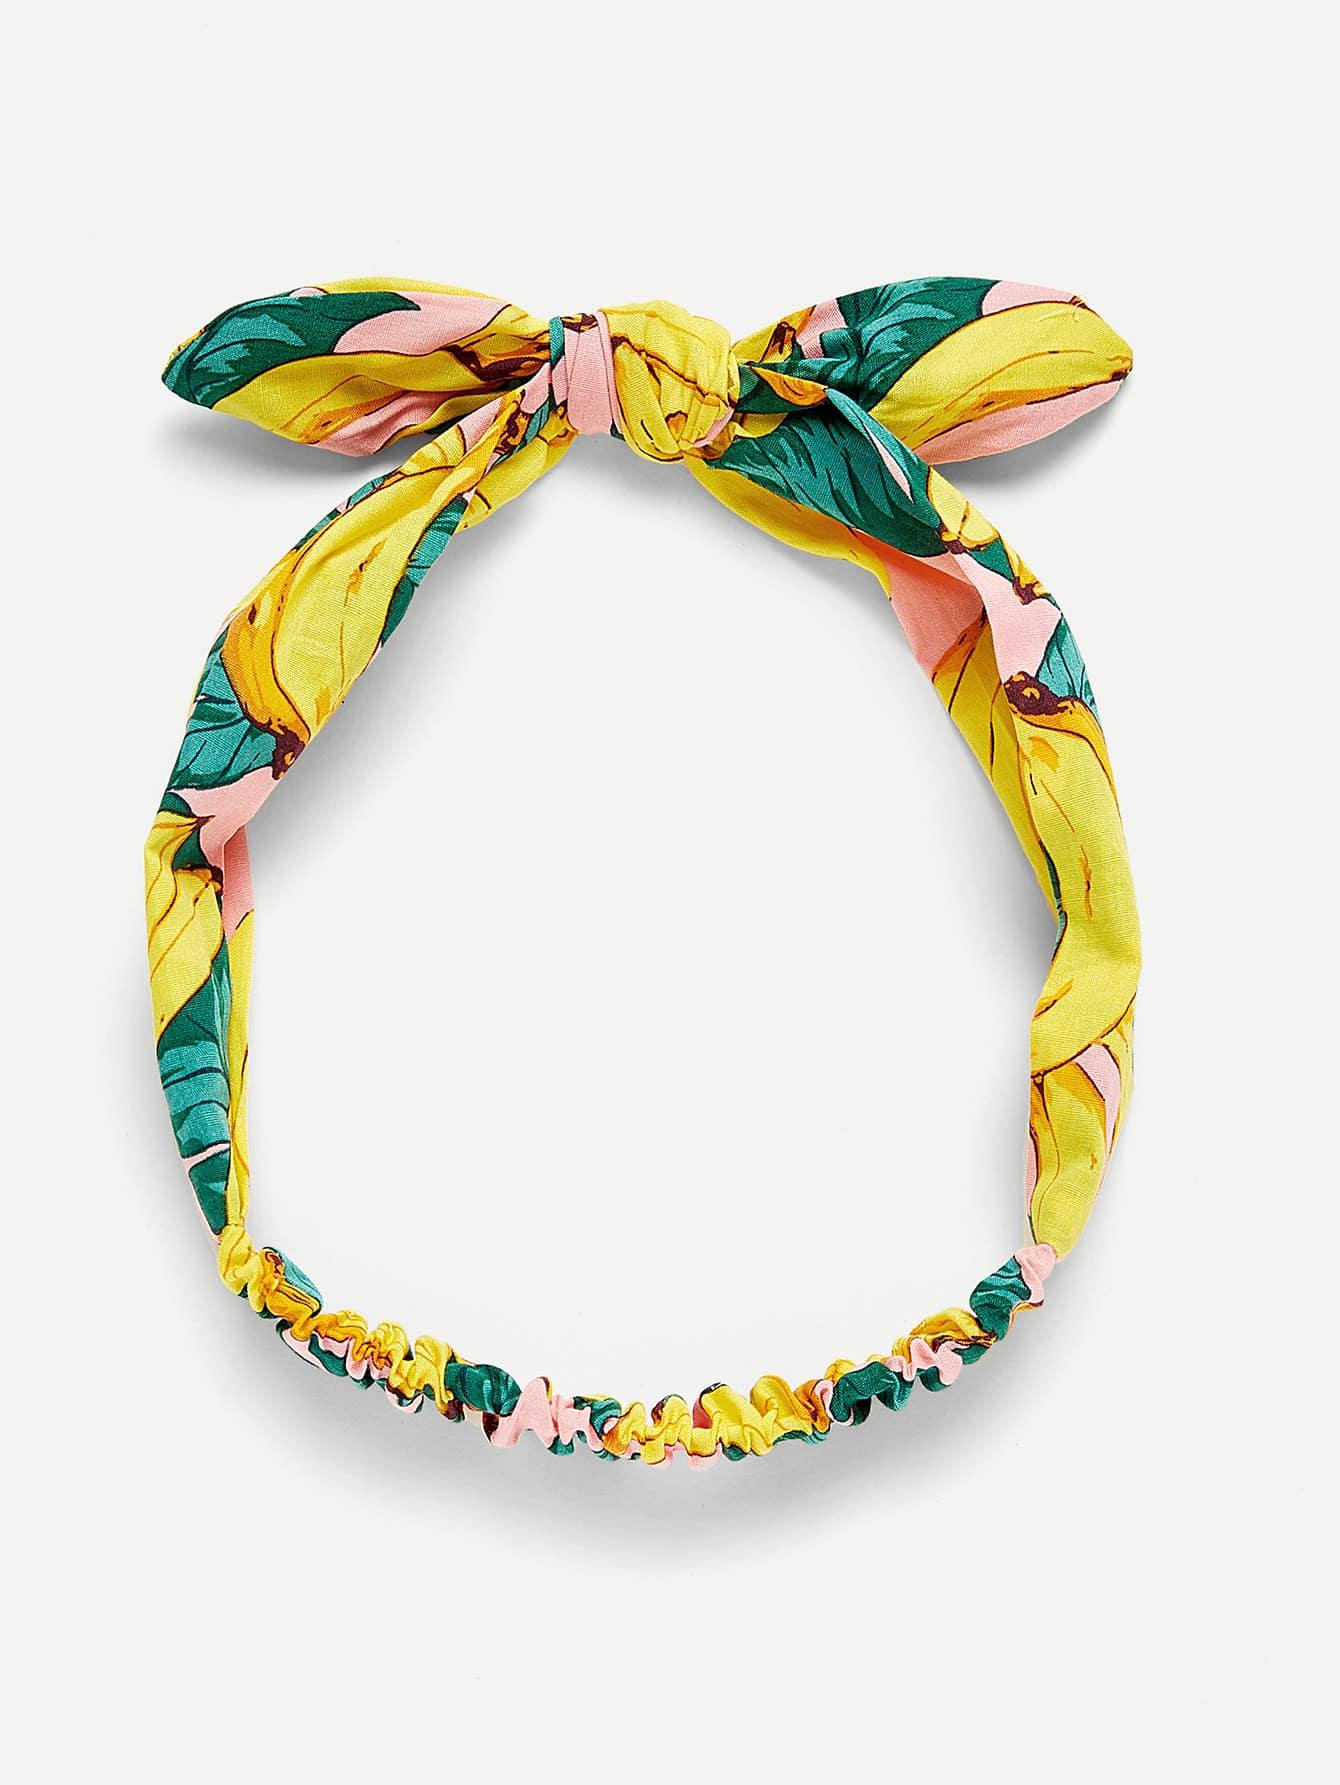 Banana Print Bow Knot Headband средство экофрэнд универсальный очиститель поверхности